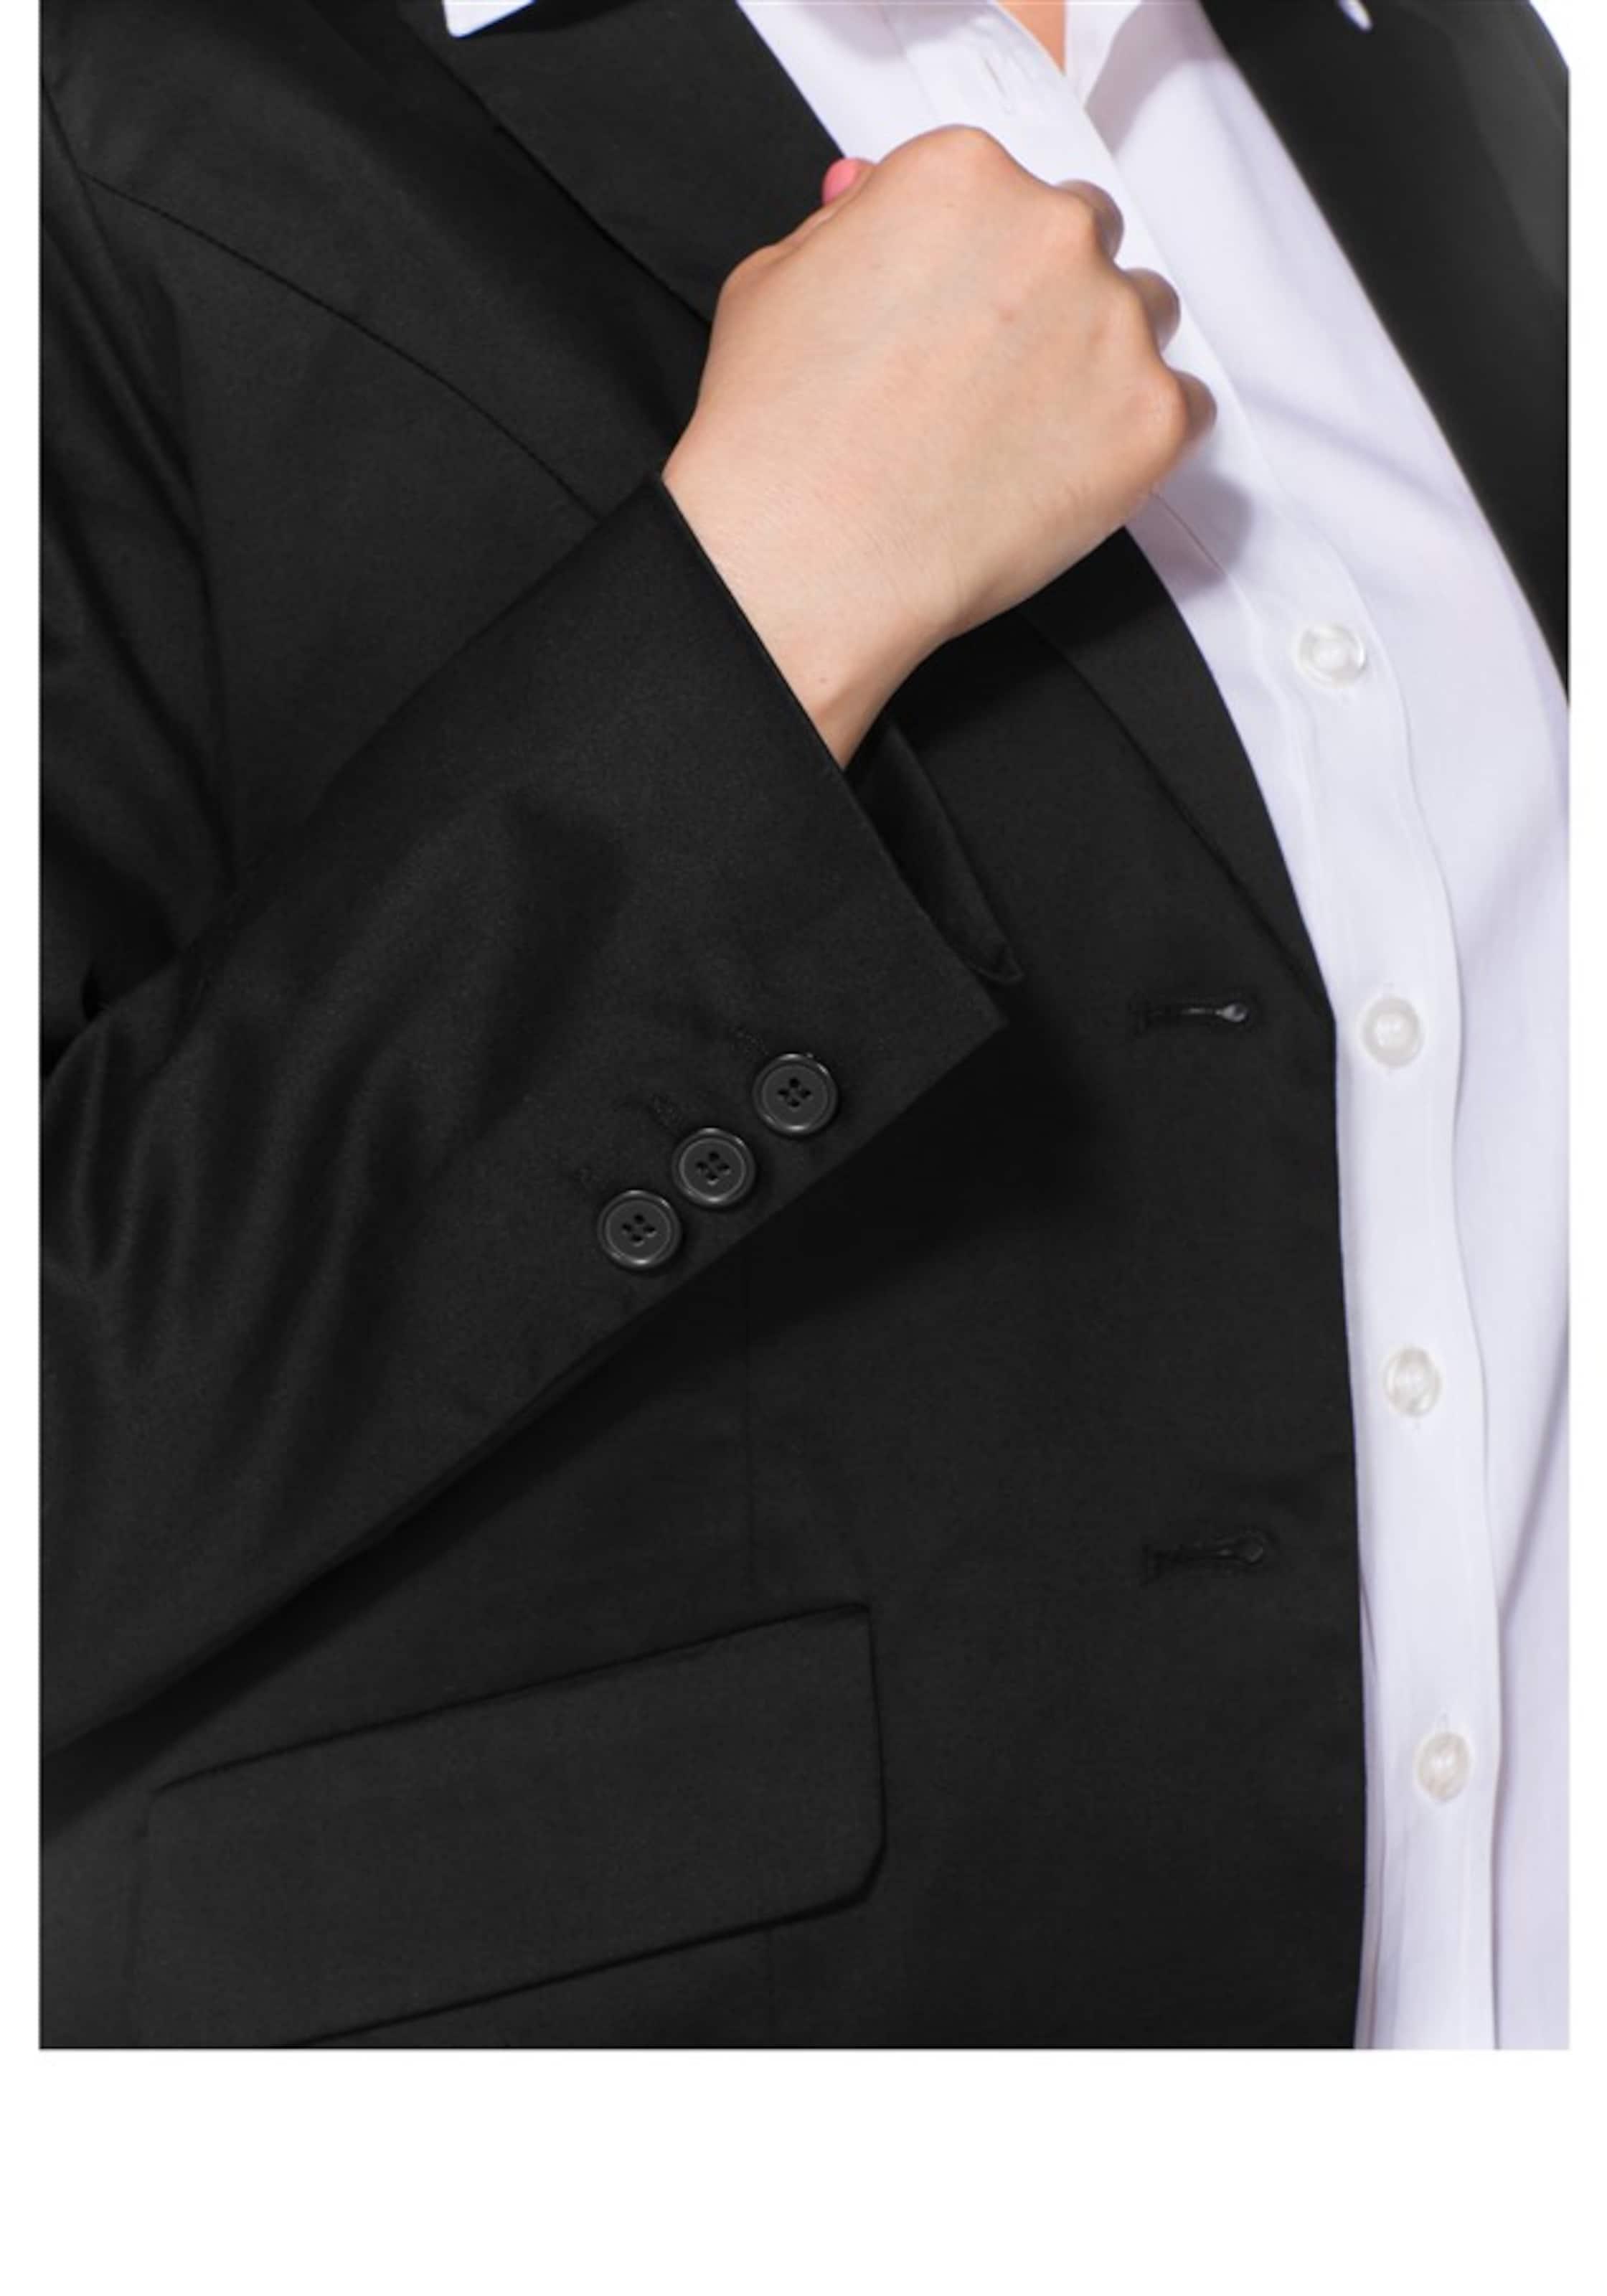 SHEEGO Blazer mit Reverskragen Billig Erhalten Online Kaufen Rabatt Echt w3Di5Mq